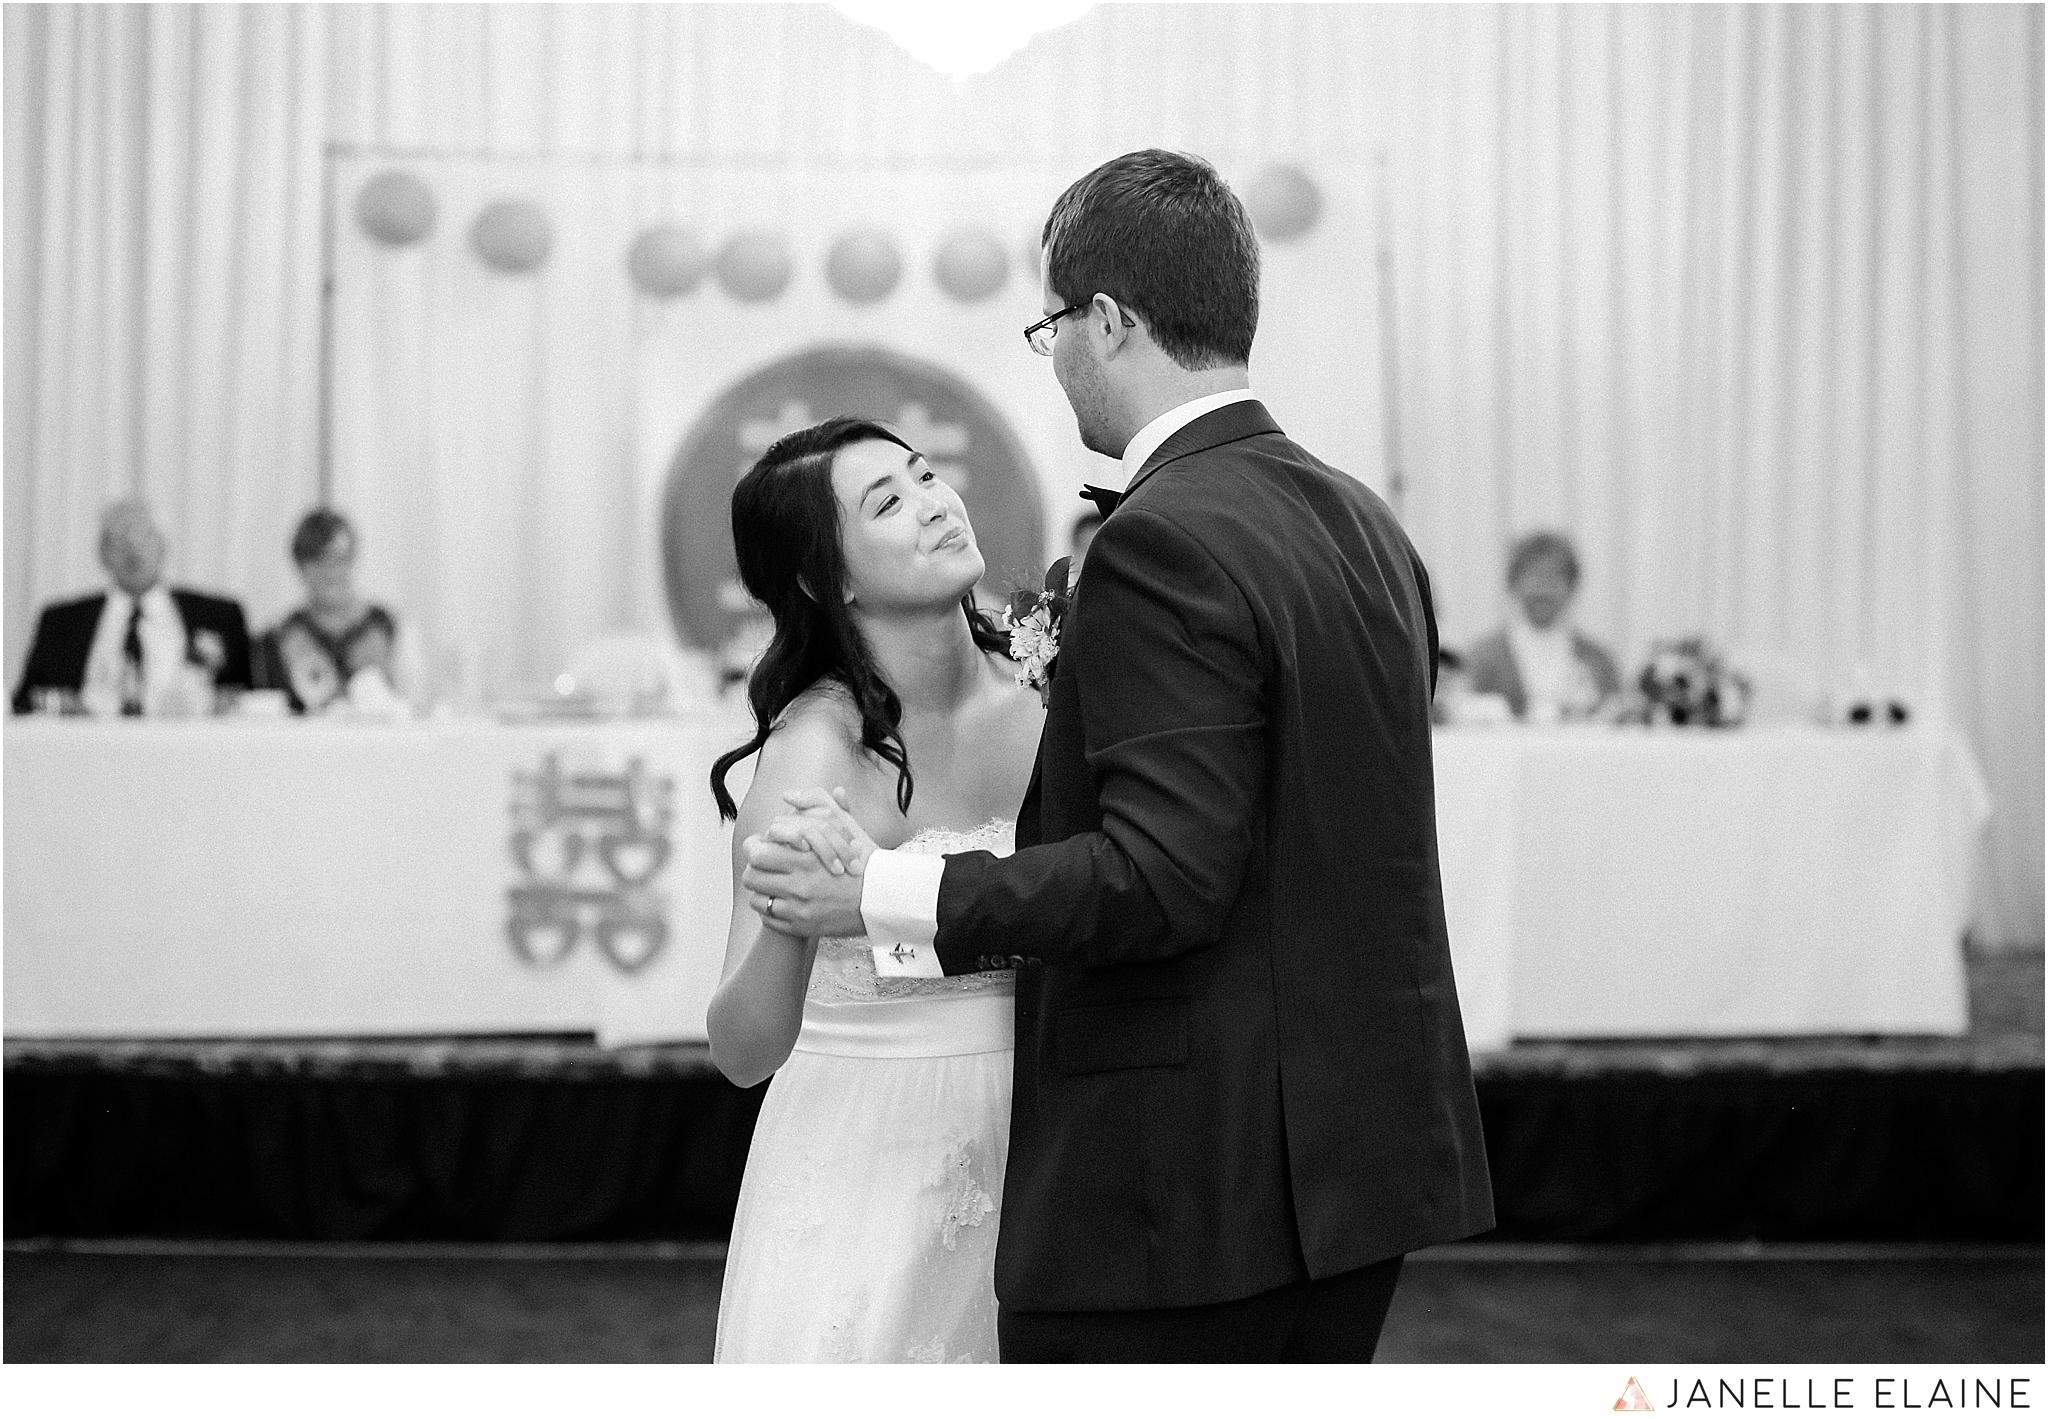 janelle elaine photography-professional wedding photographer seattle--176.jpg